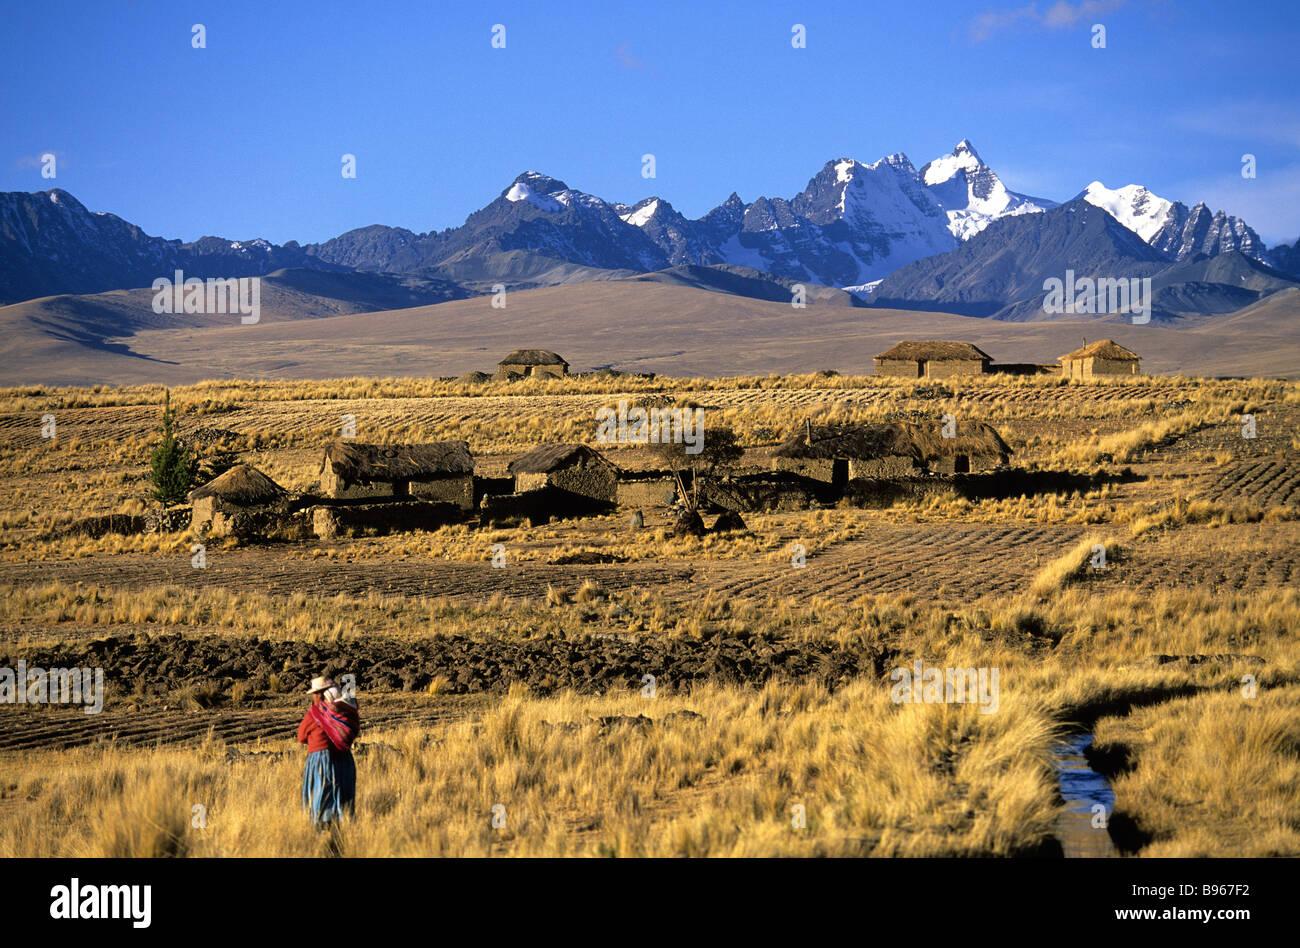 Bolivia, Real Cordillera - Stock Image